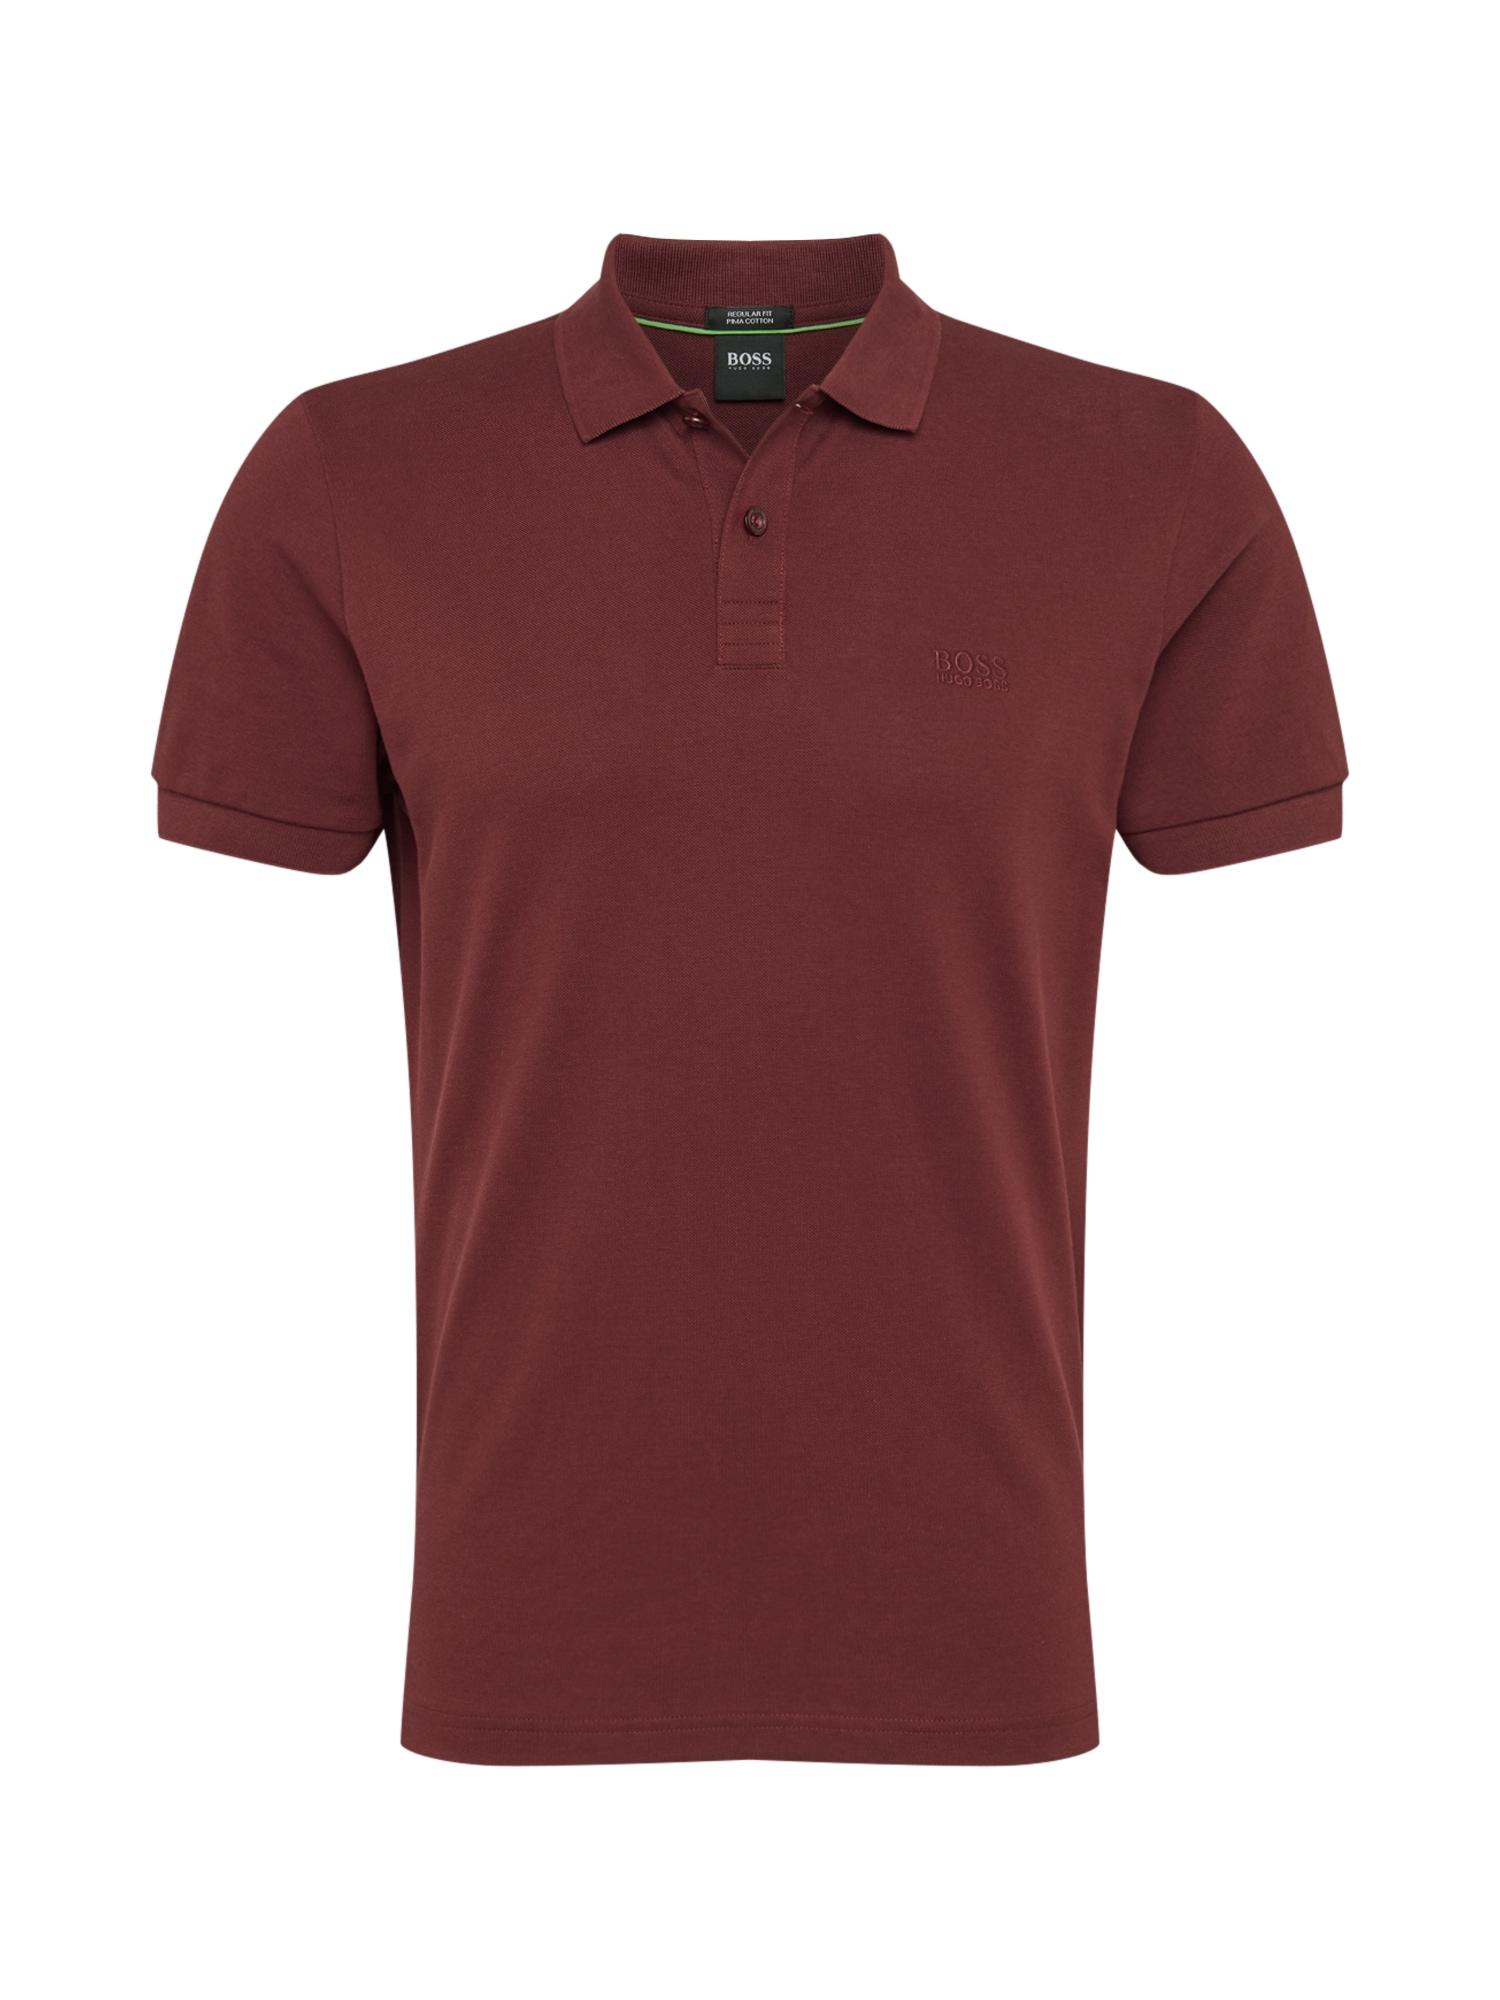 BOSS ATHLEISURE Marškinėliai vyno raudona spalva